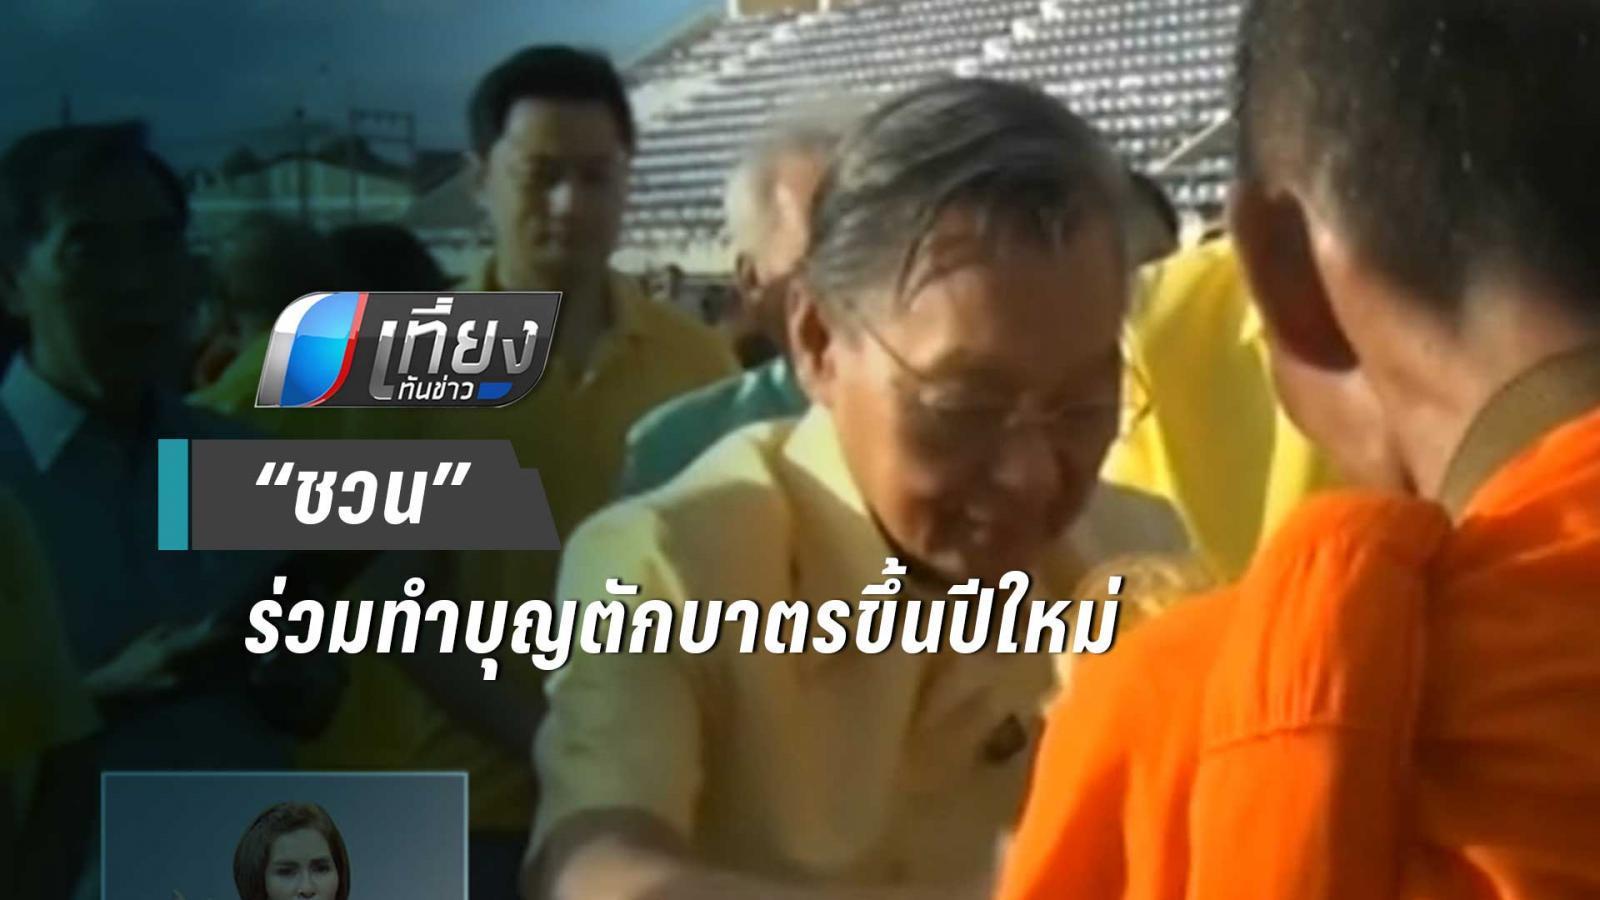 """""""ชวน"""" ร่วมกับพี่น้องชาวตรัง ทำบุญตักบาตรขึ้นปีใหม่ไทย"""